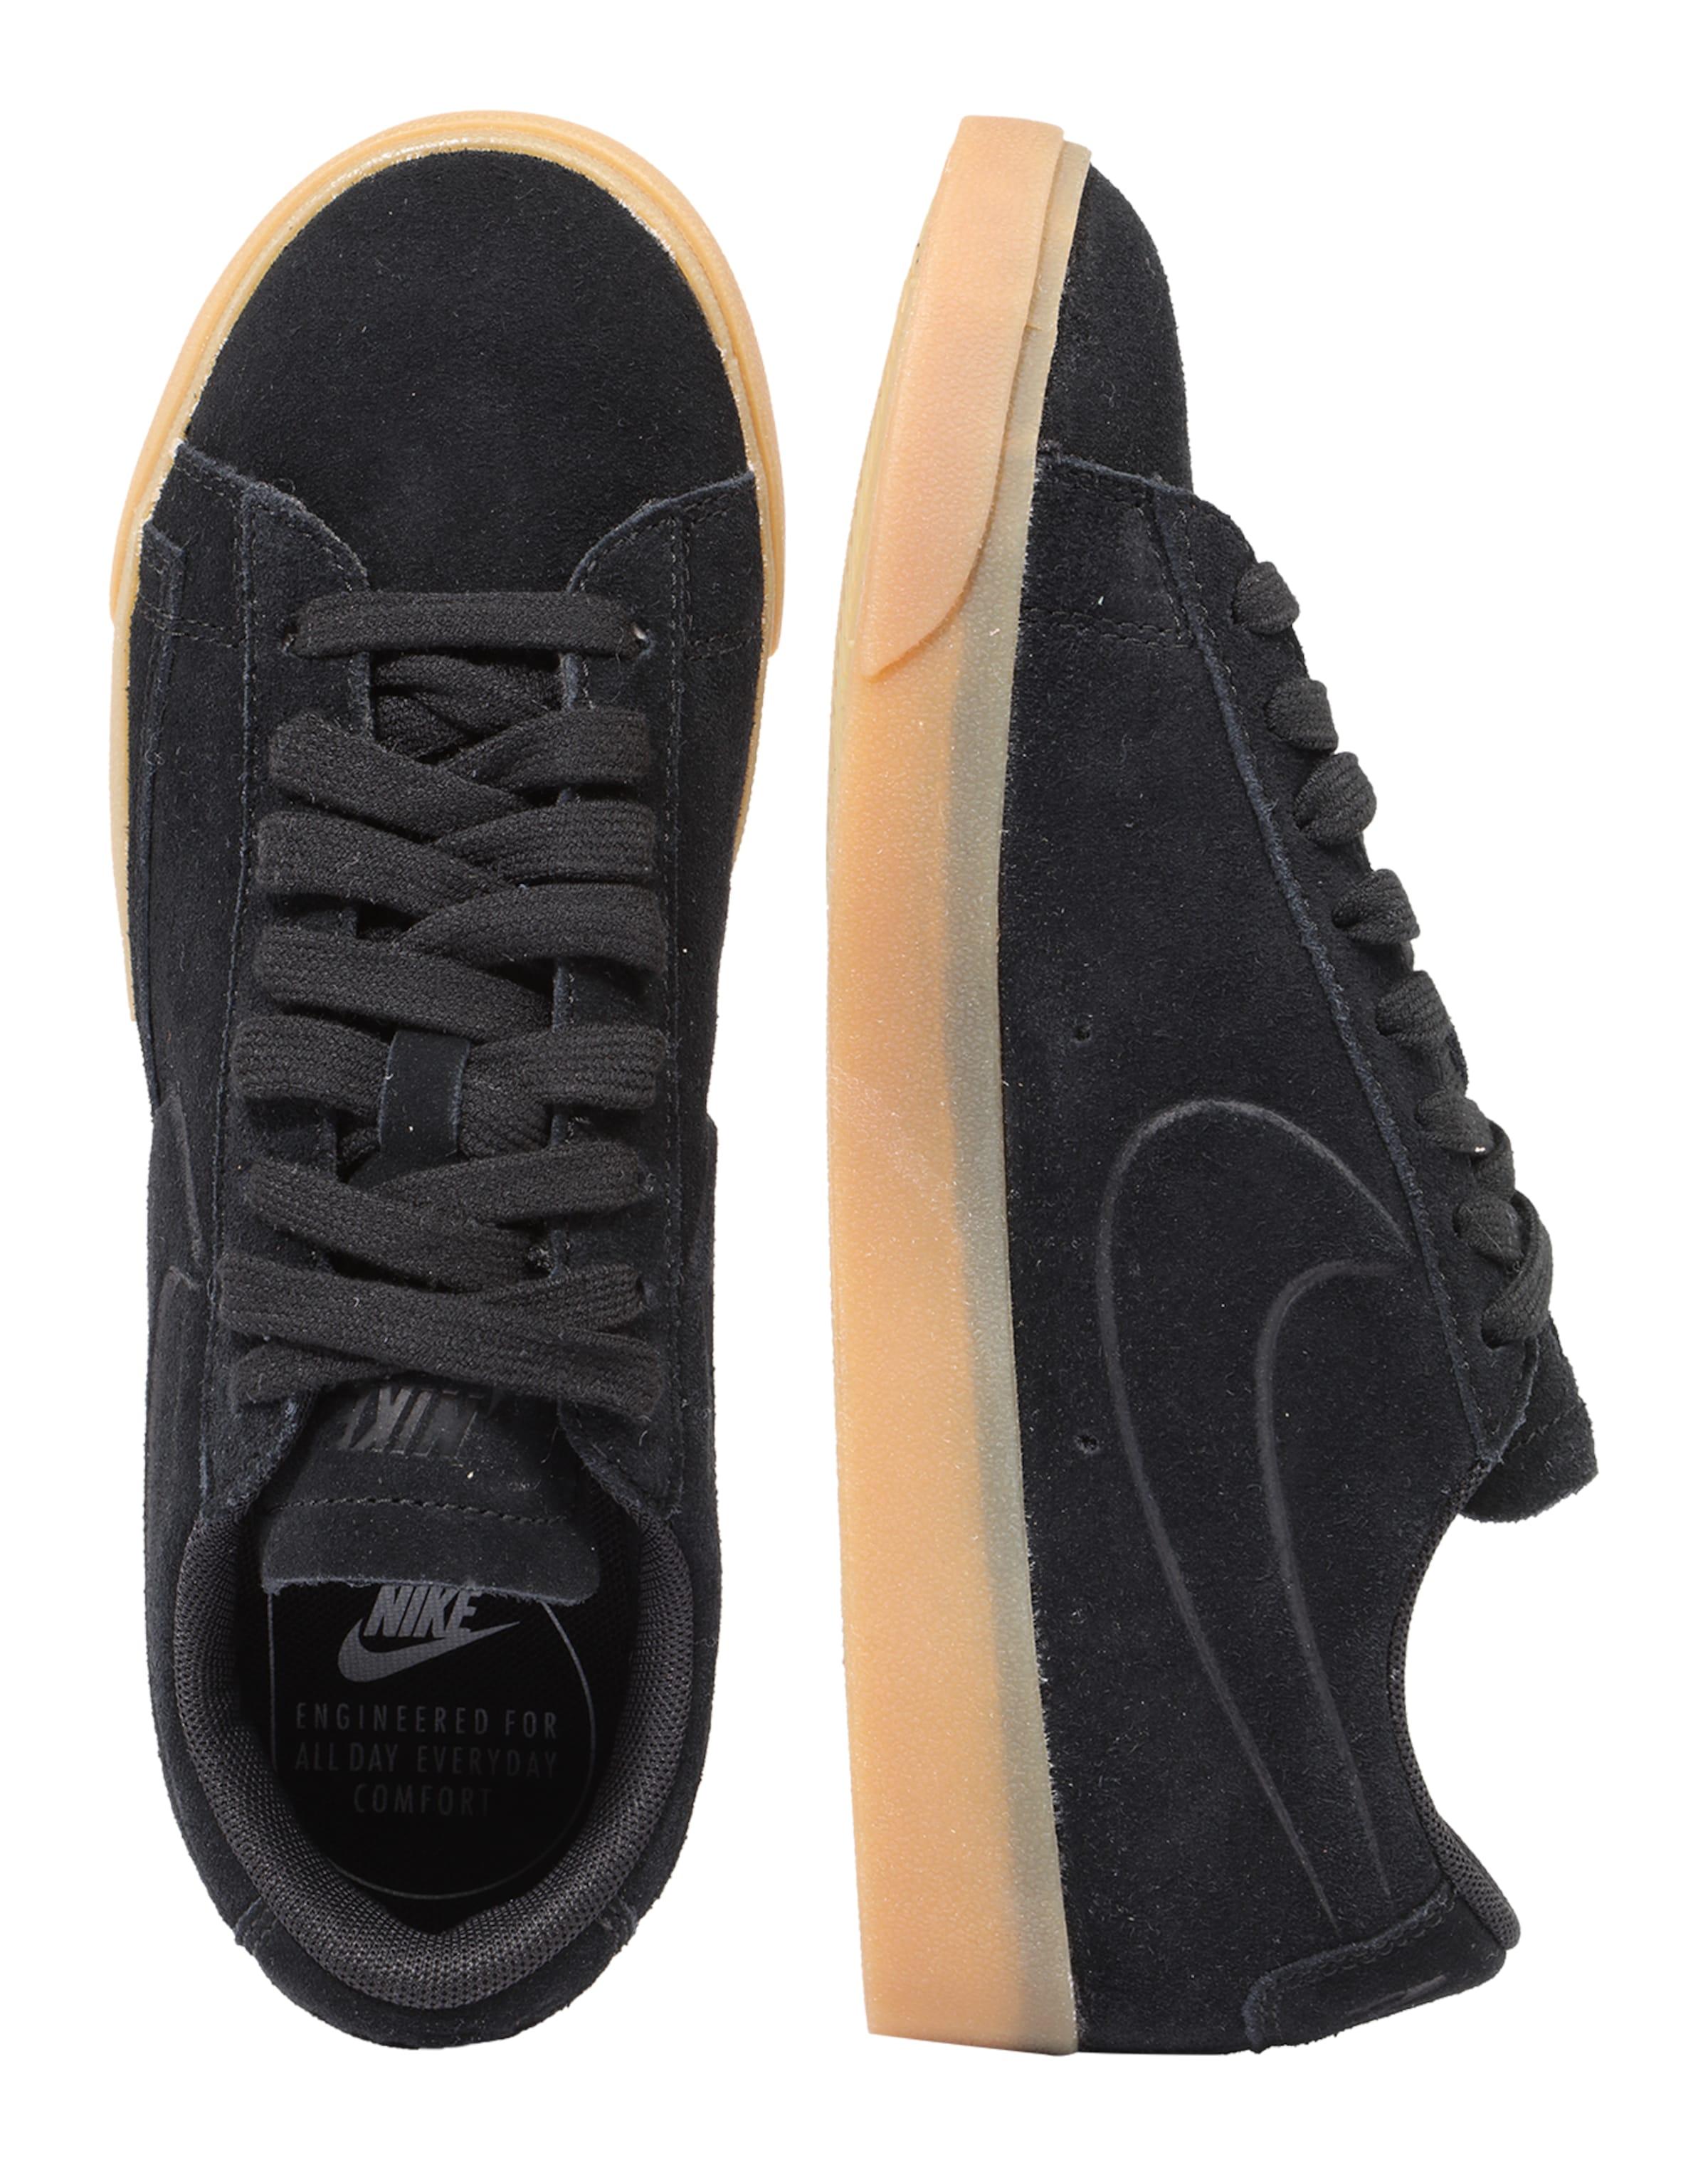 Preise Im Netz Nike Sportswear Sneaker 'Blazer Low' Ausgezeichneter Günstiger Preis Empfehlen Zum Verkauf Bilder Günstiger Preis MnjnfbCgww